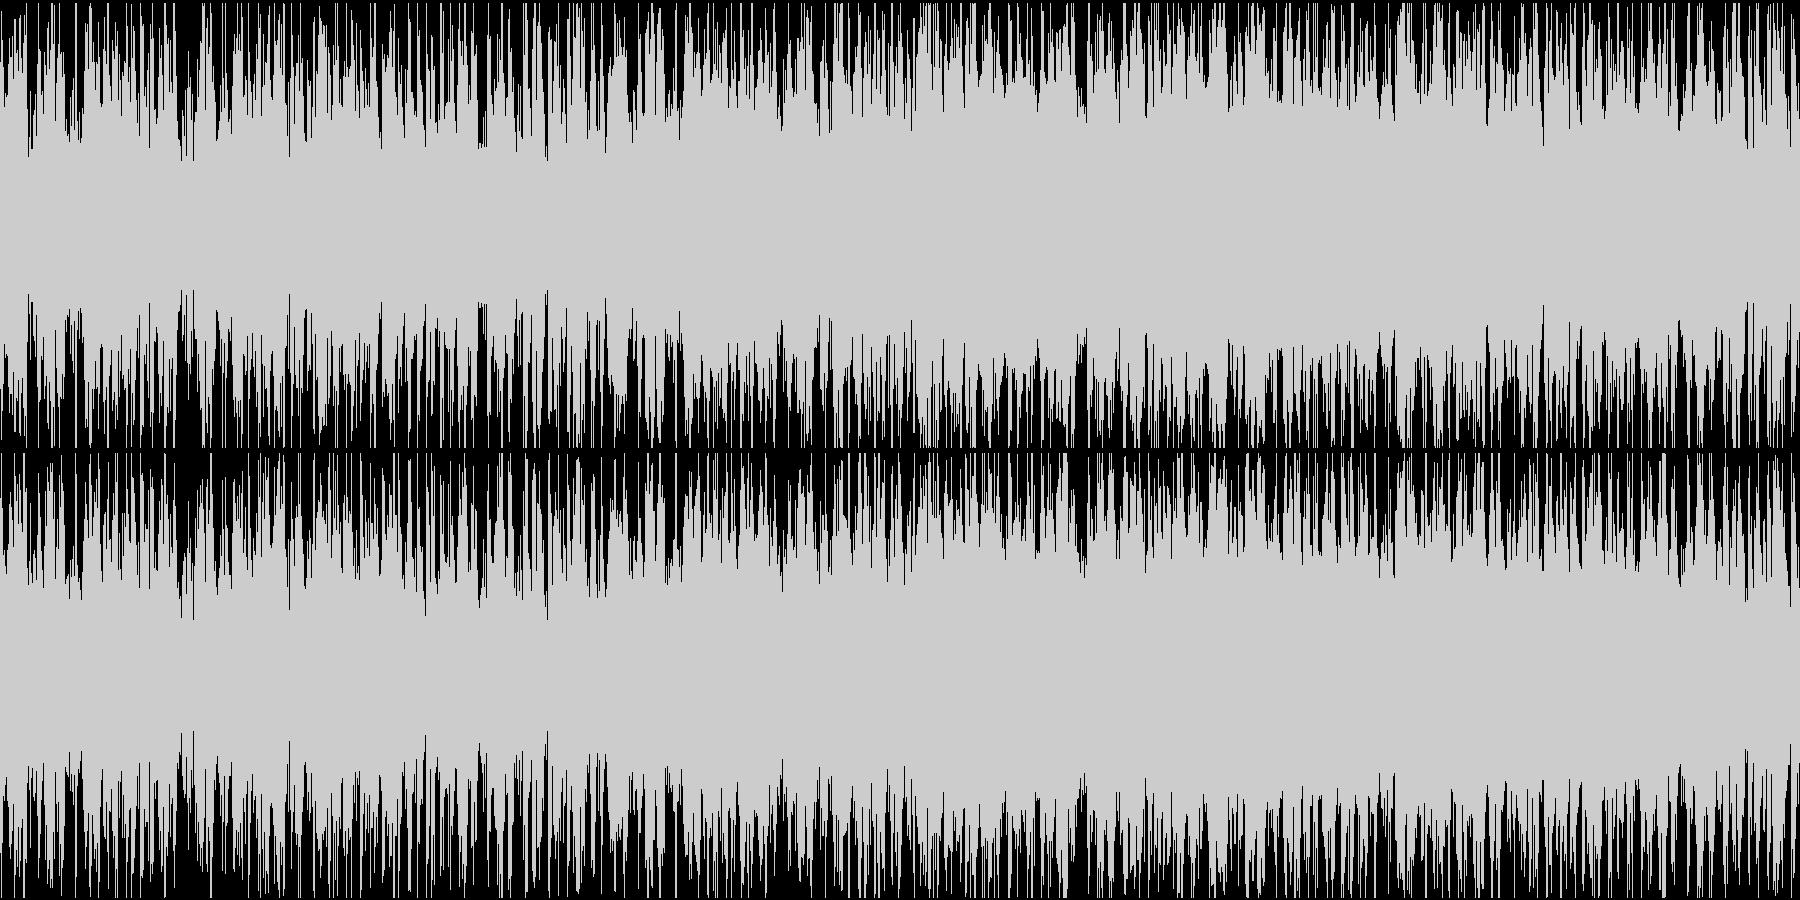 無国籍な民族音楽っぽいBGM ループ仕様の未再生の波形